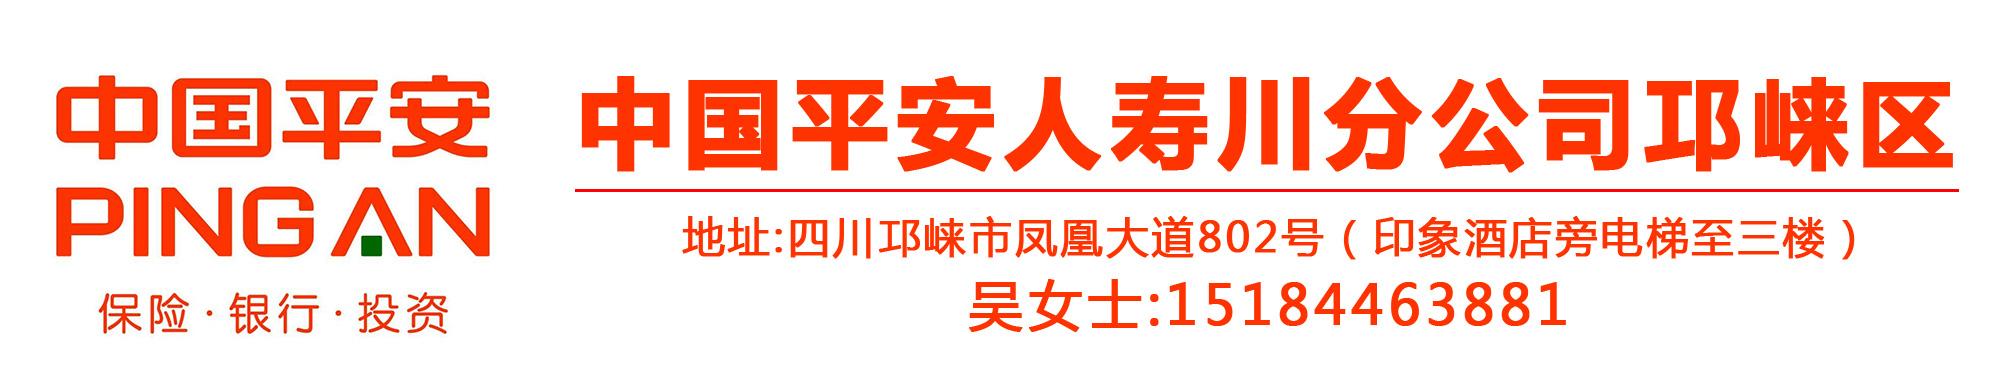 中国平安人寿川分公司邛崃区